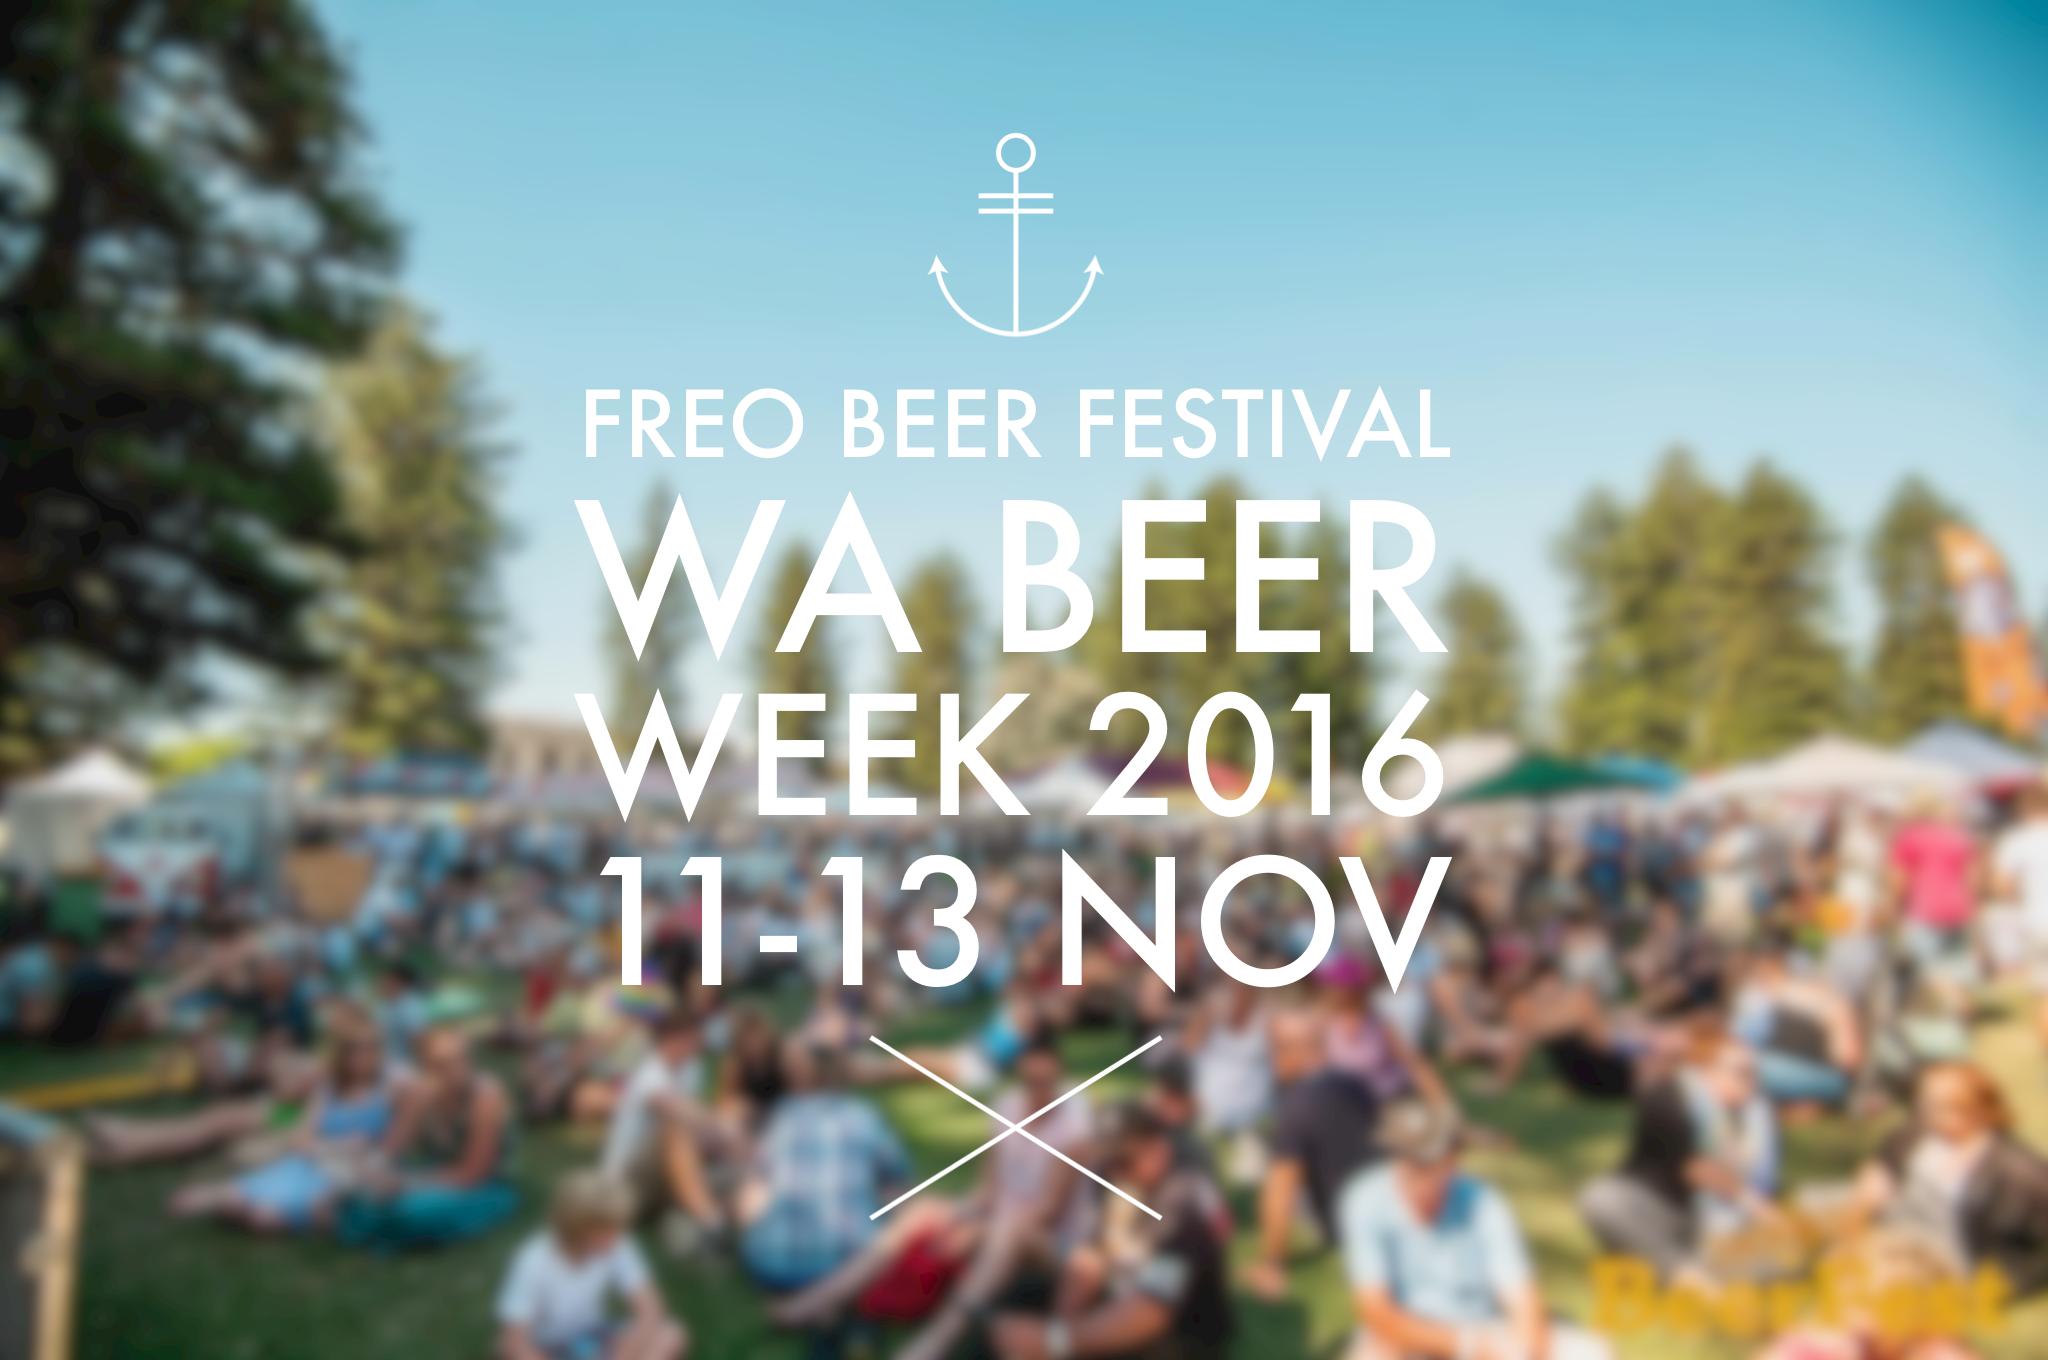 freo-beer-fest